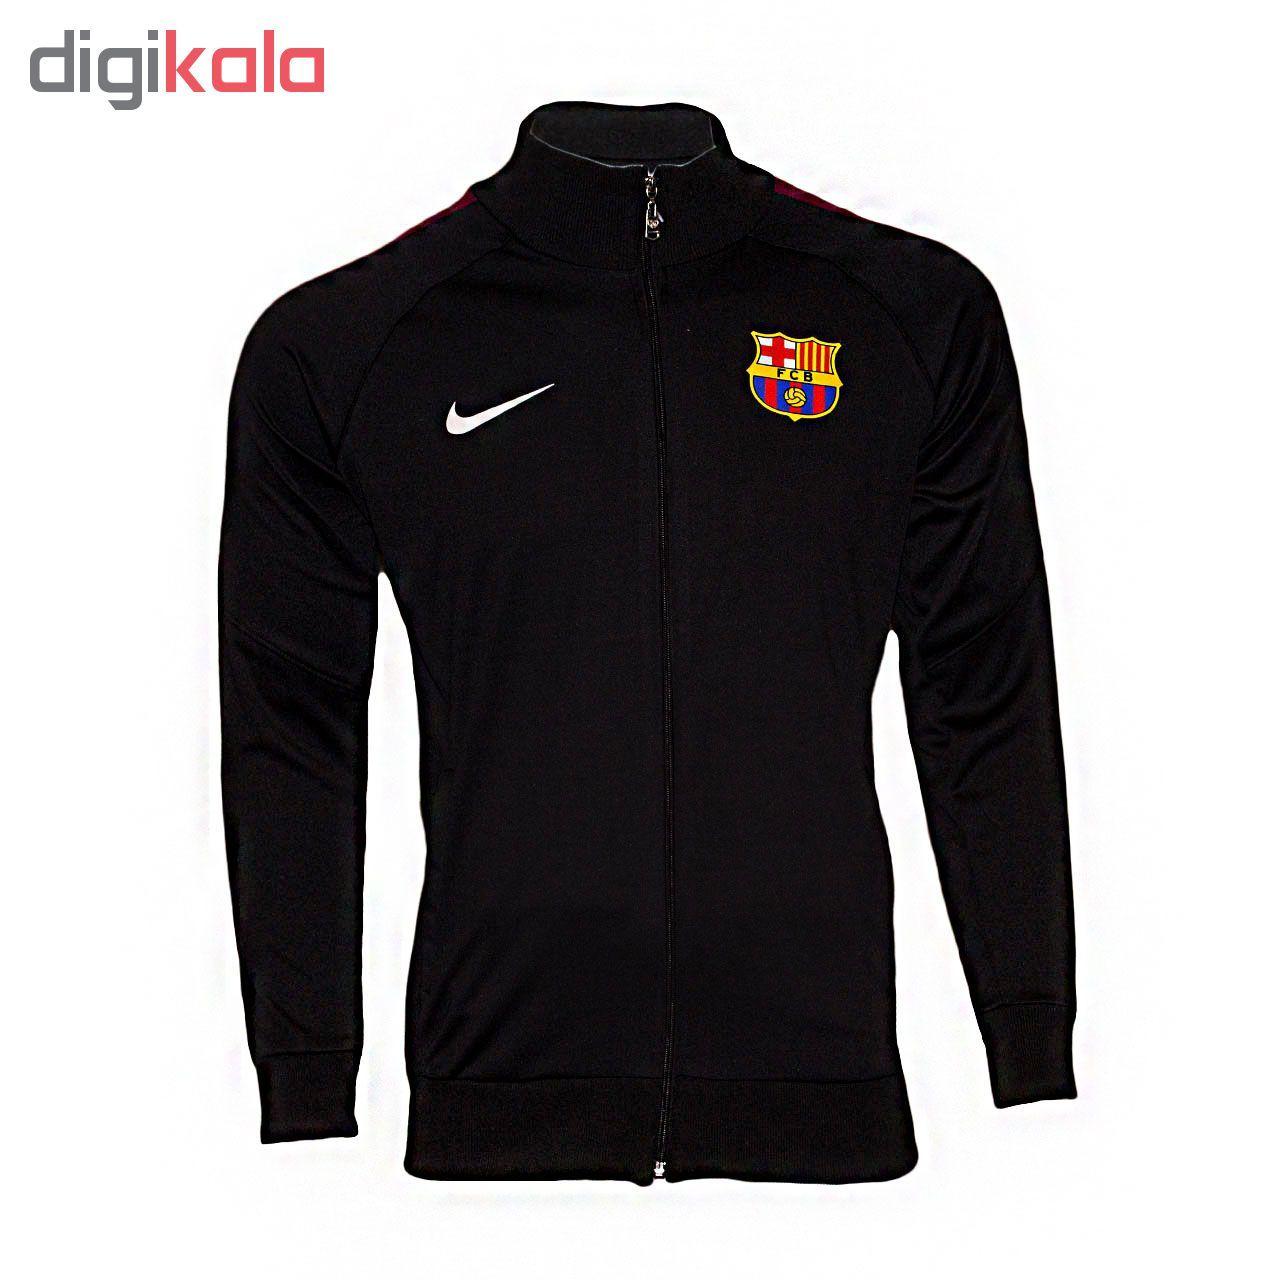 سویشرت ورزشی پسرانه طرح بارسلونا کد 03 main 1 2